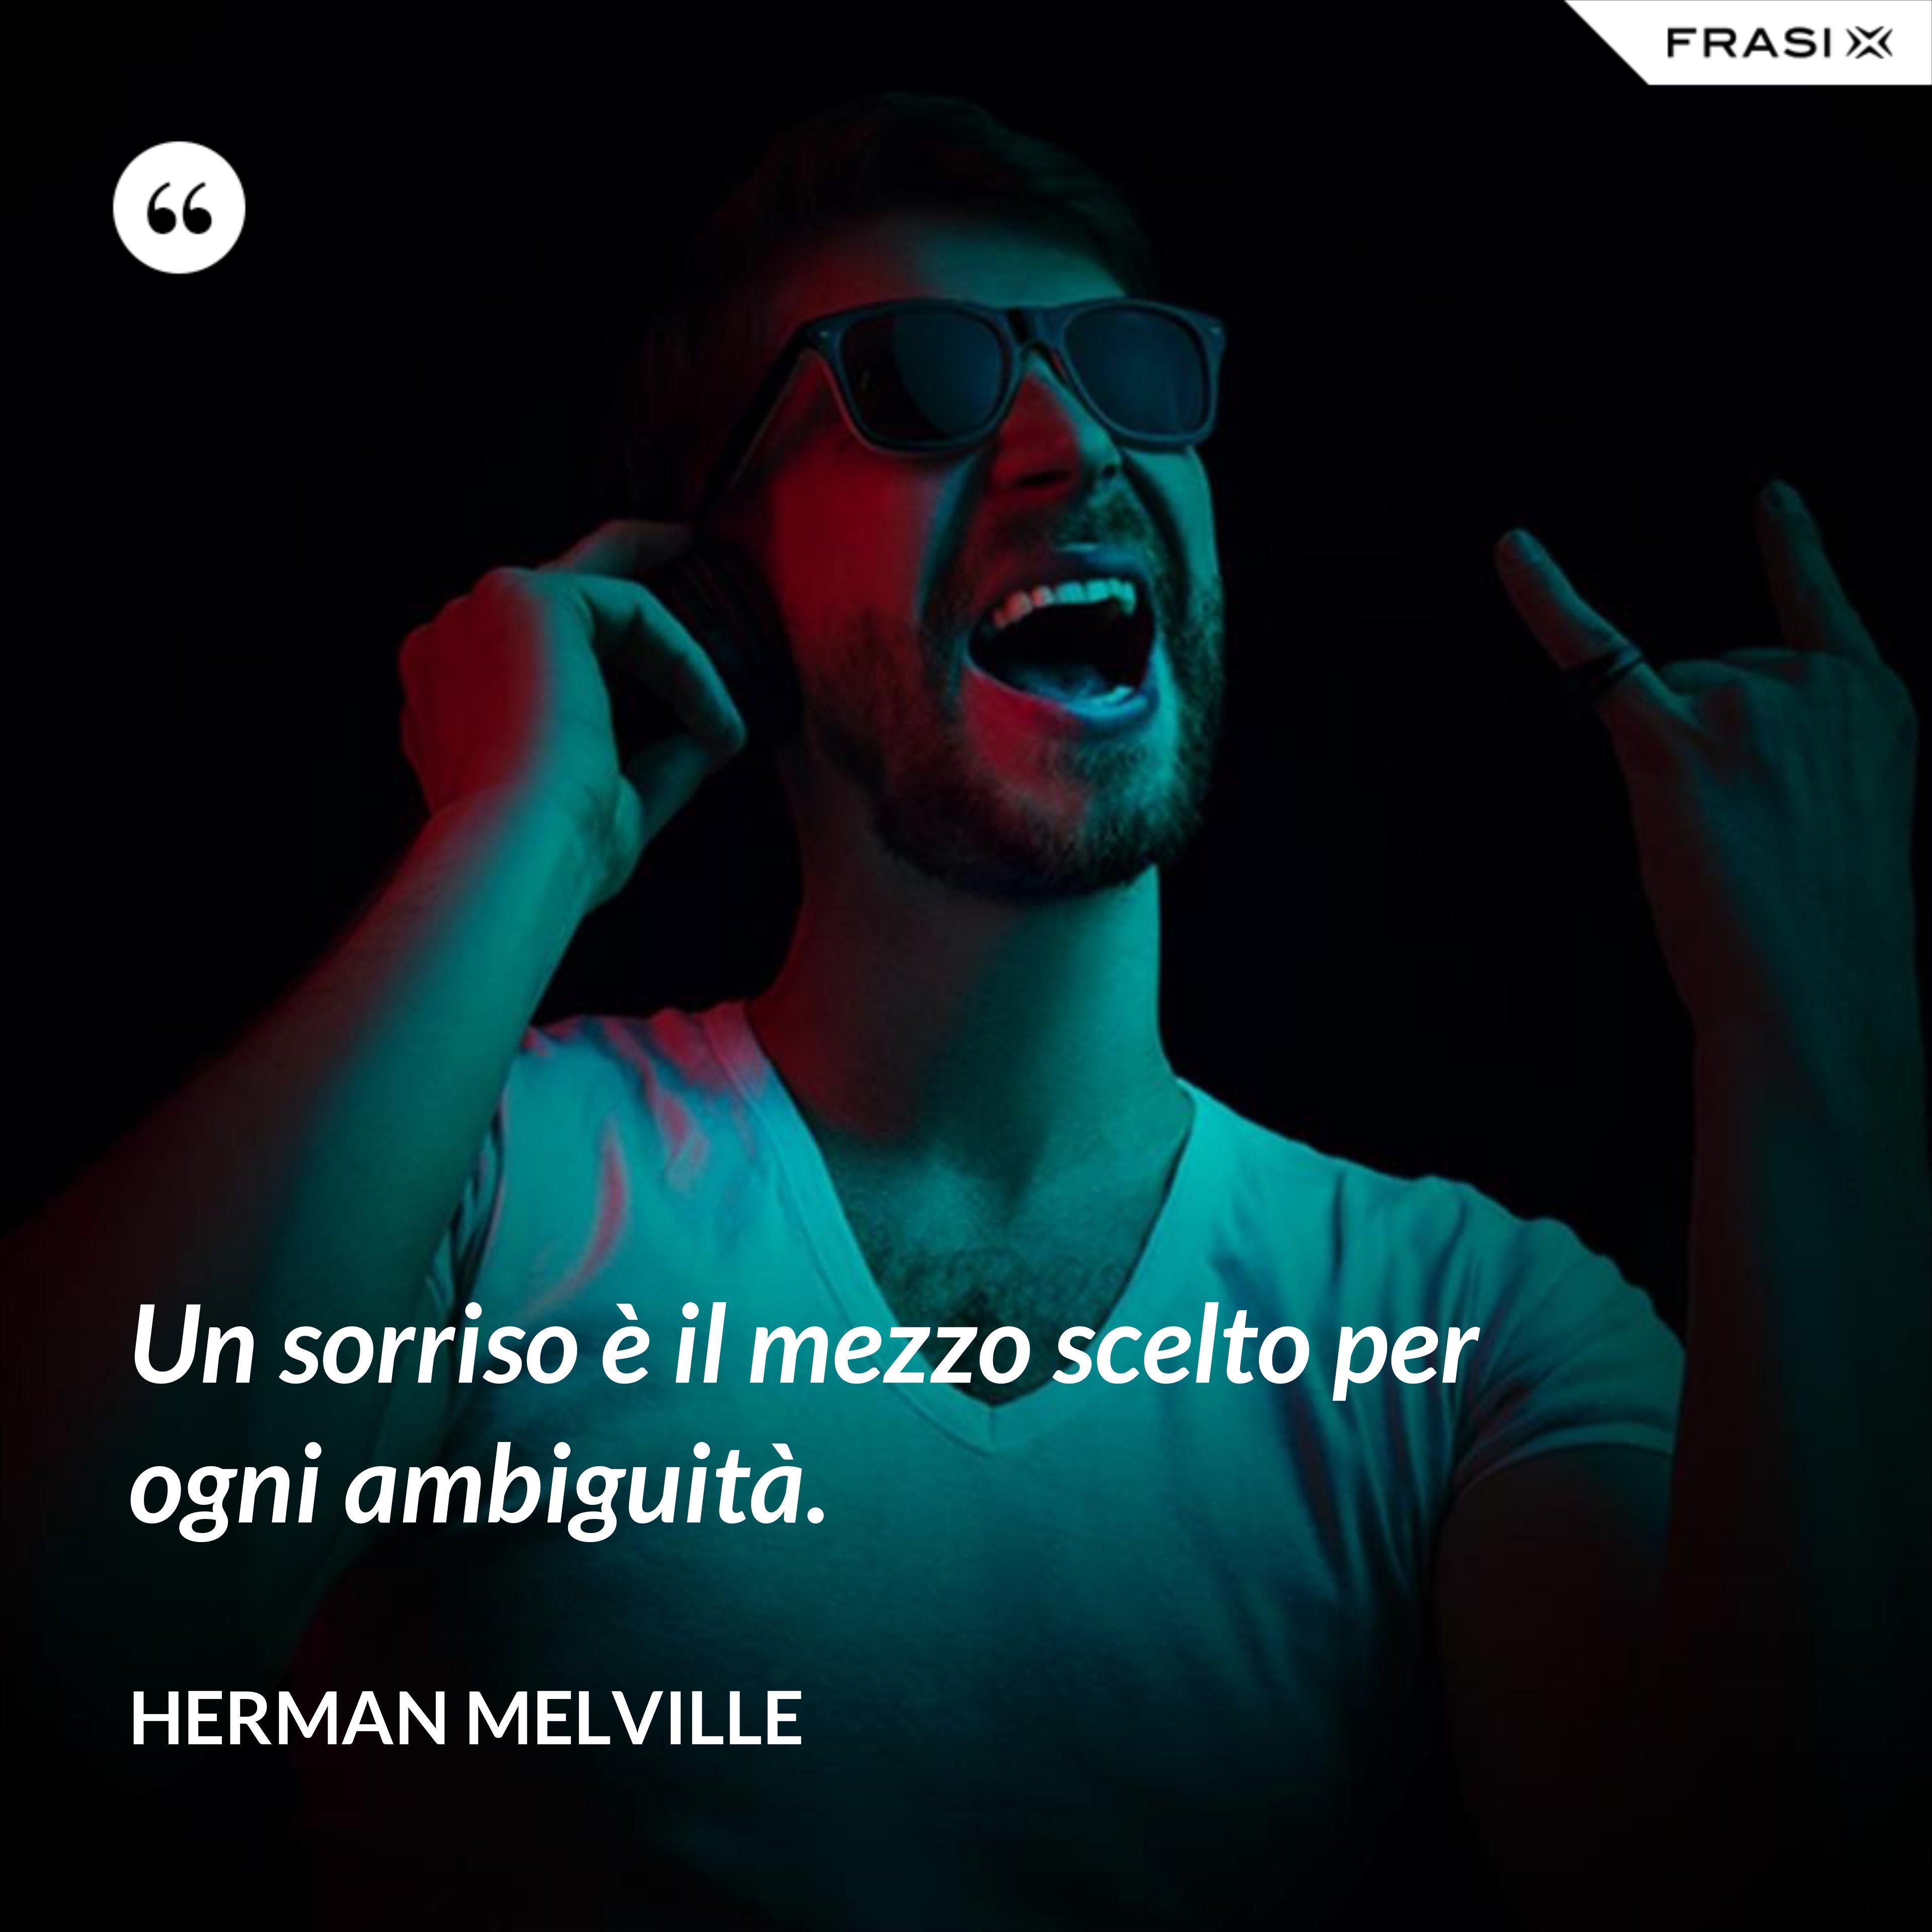 Un sorriso è il mezzo scelto per ogni ambiguità. - Herman Melville